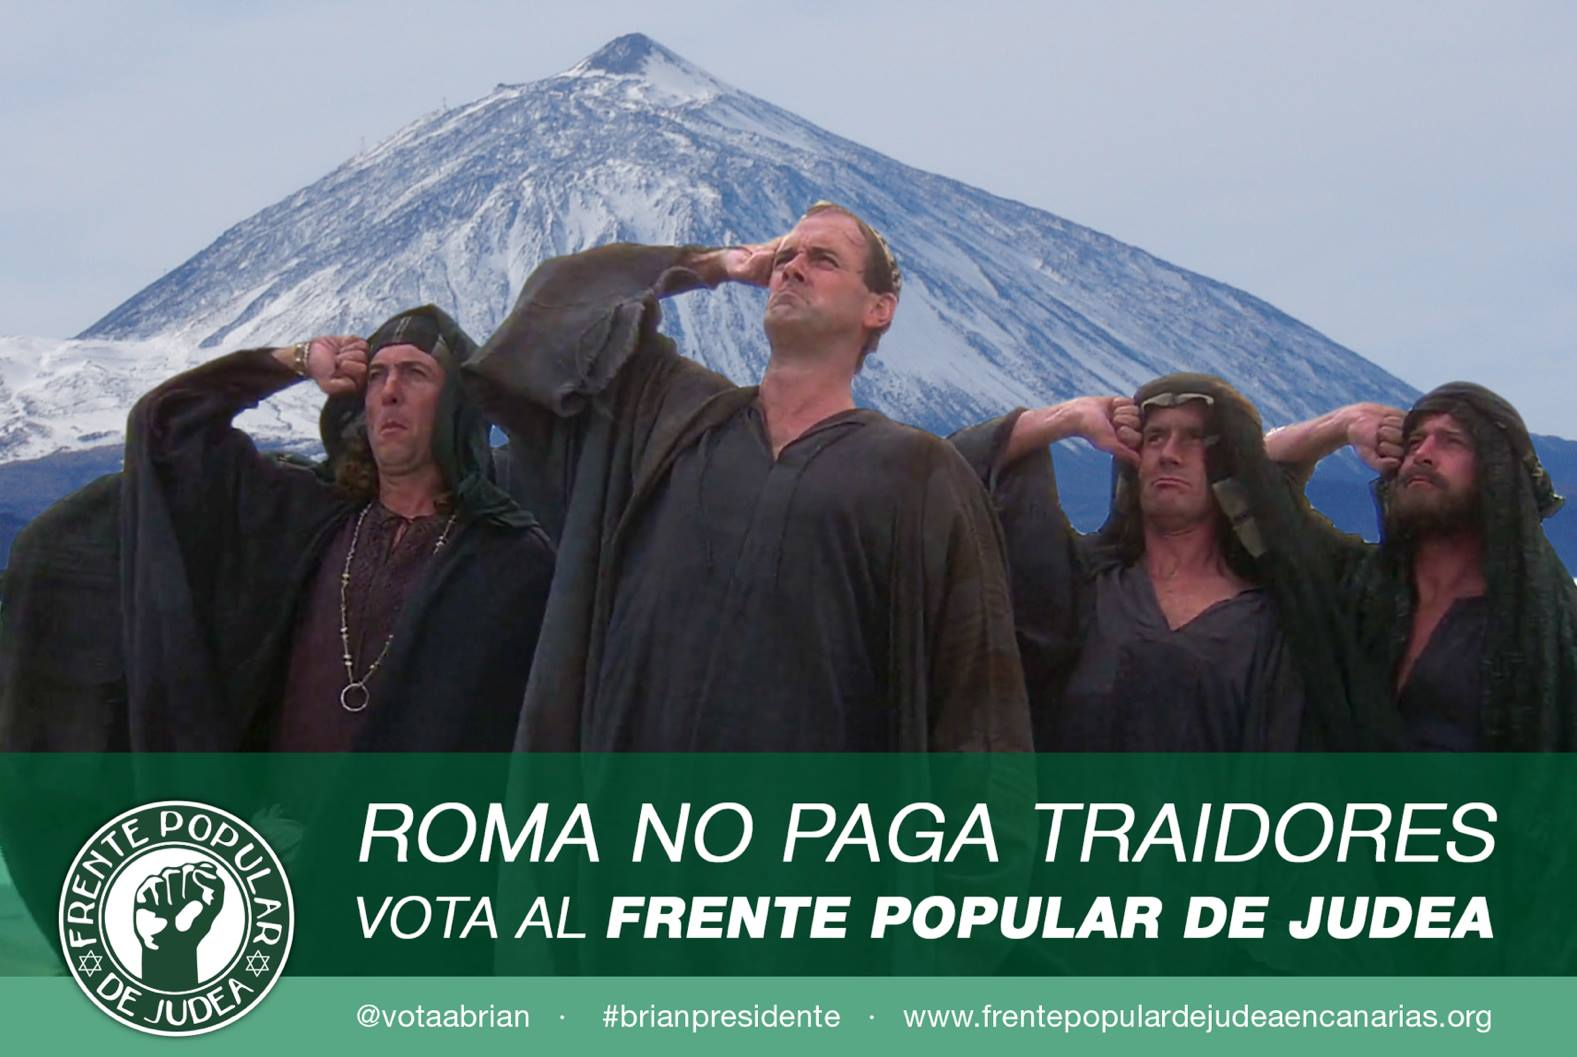 Frente-popular-judeia-canarias-03